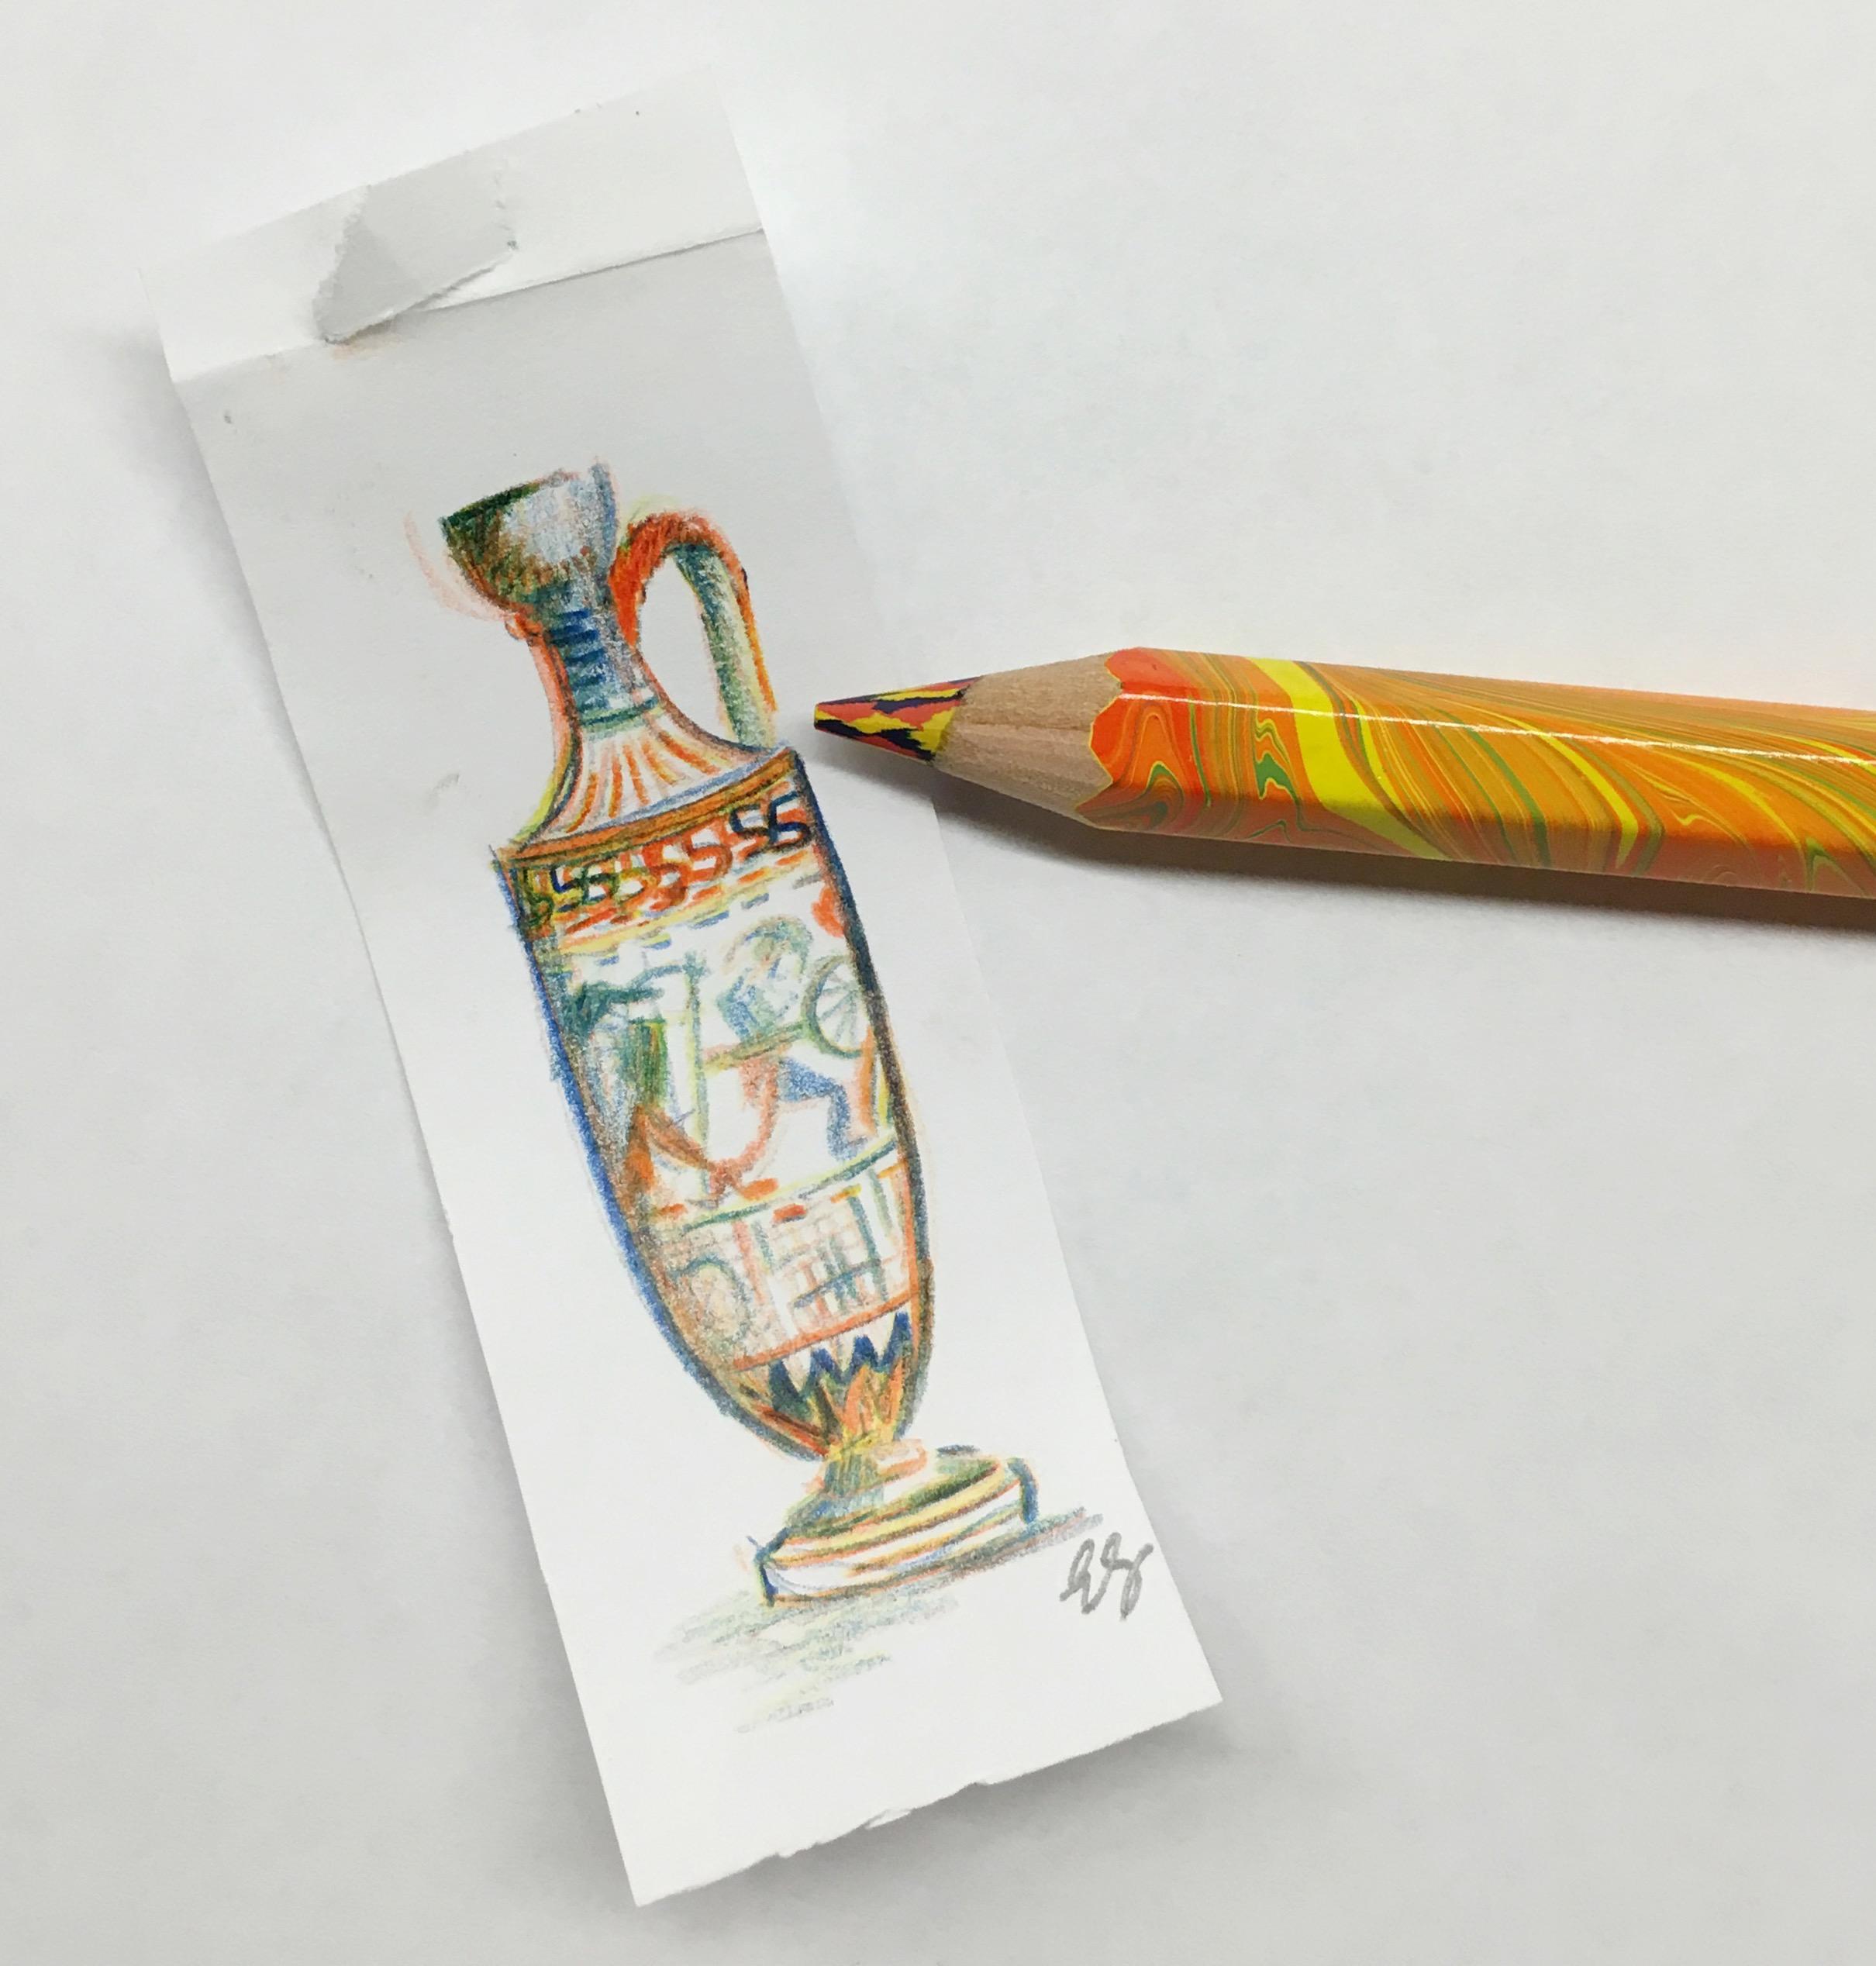 rainbow-ancient-greek-lekythos-vase-drawing-elisemade-by-elise-lopez-